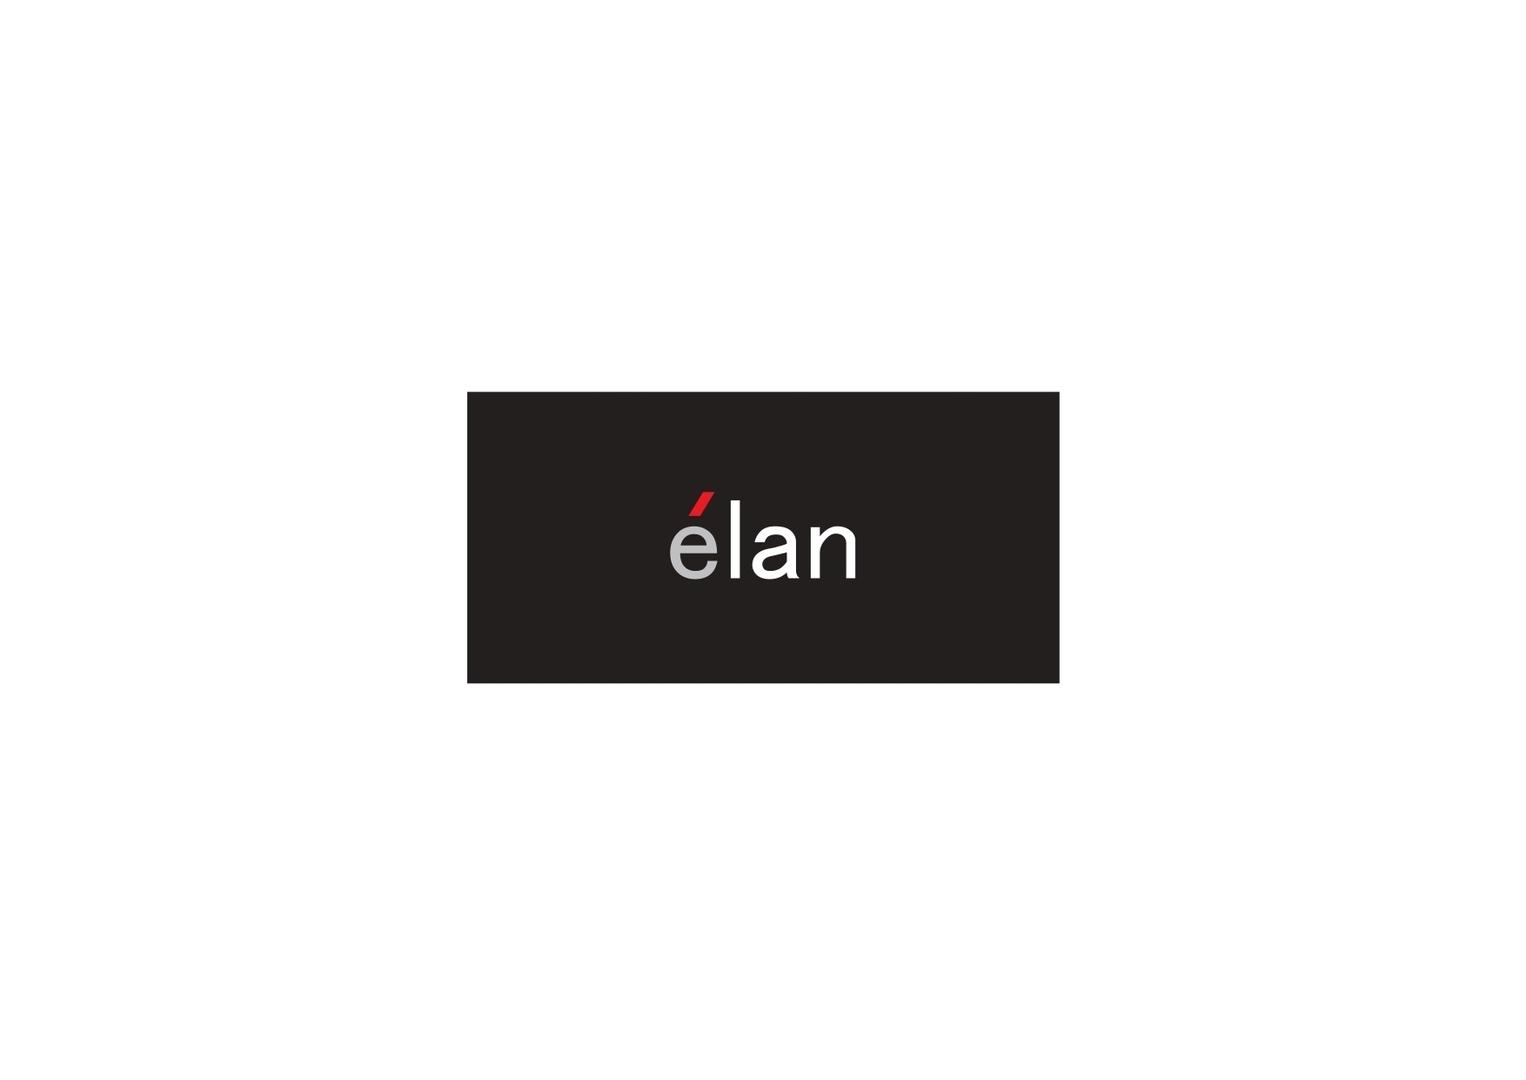 ELJ314302 プレス/コレクションブランドのカバー写真